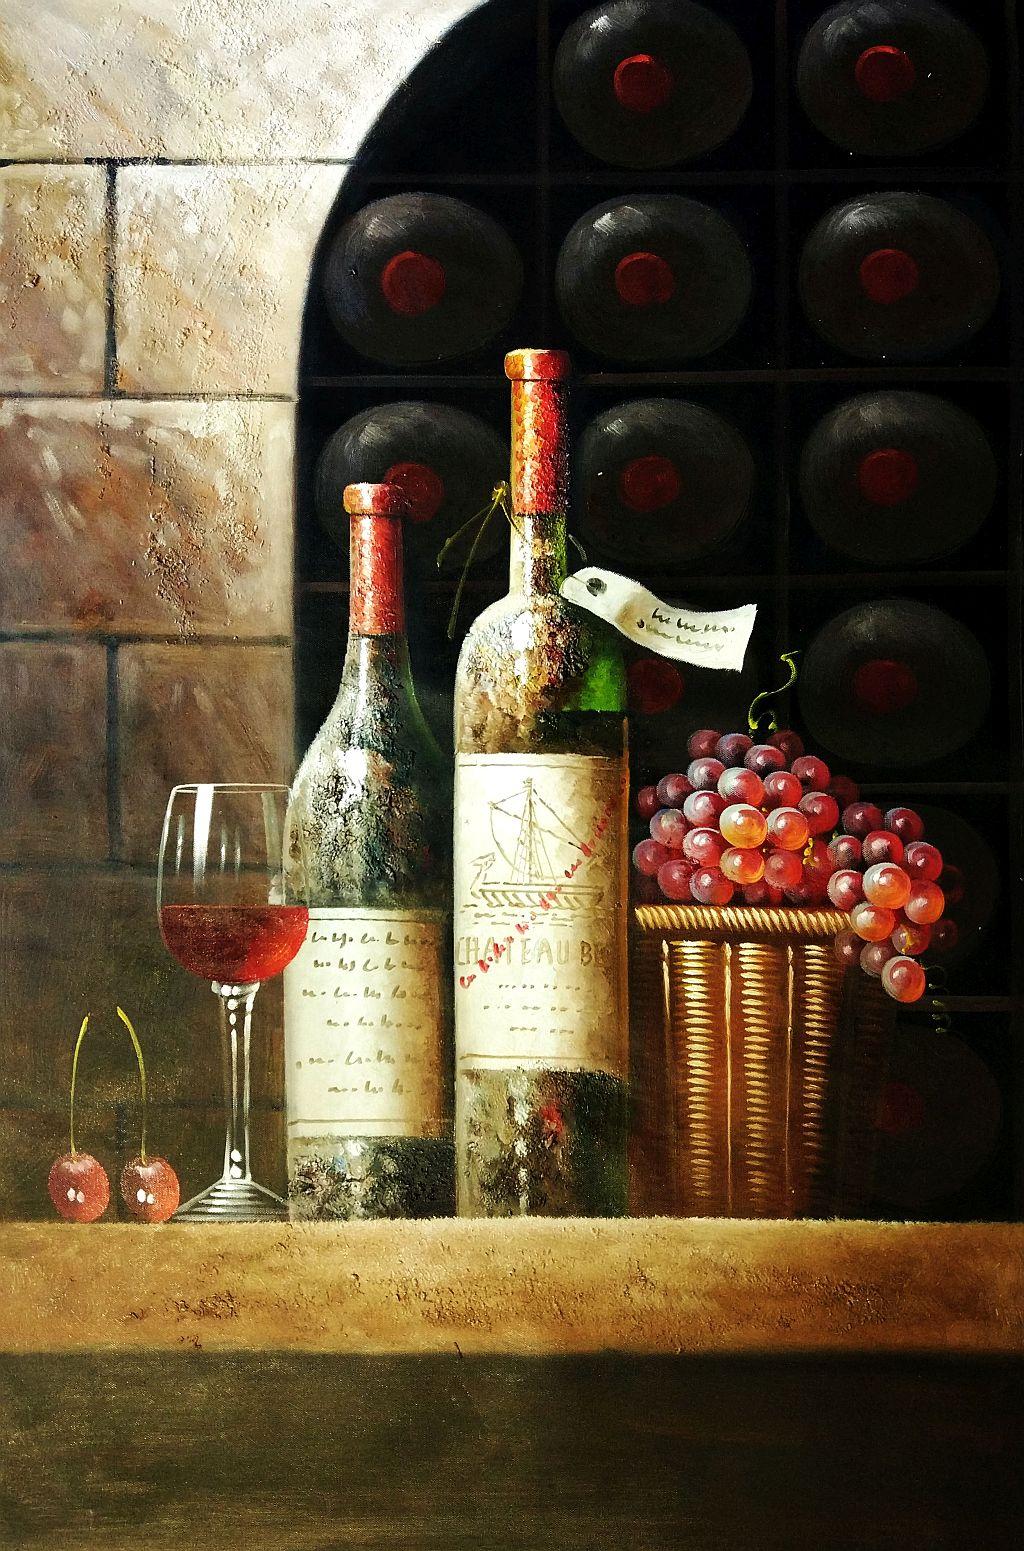 Klassisches Stillleben mit Weinflaschen d92291 60x90cm exzellentes Ölbild